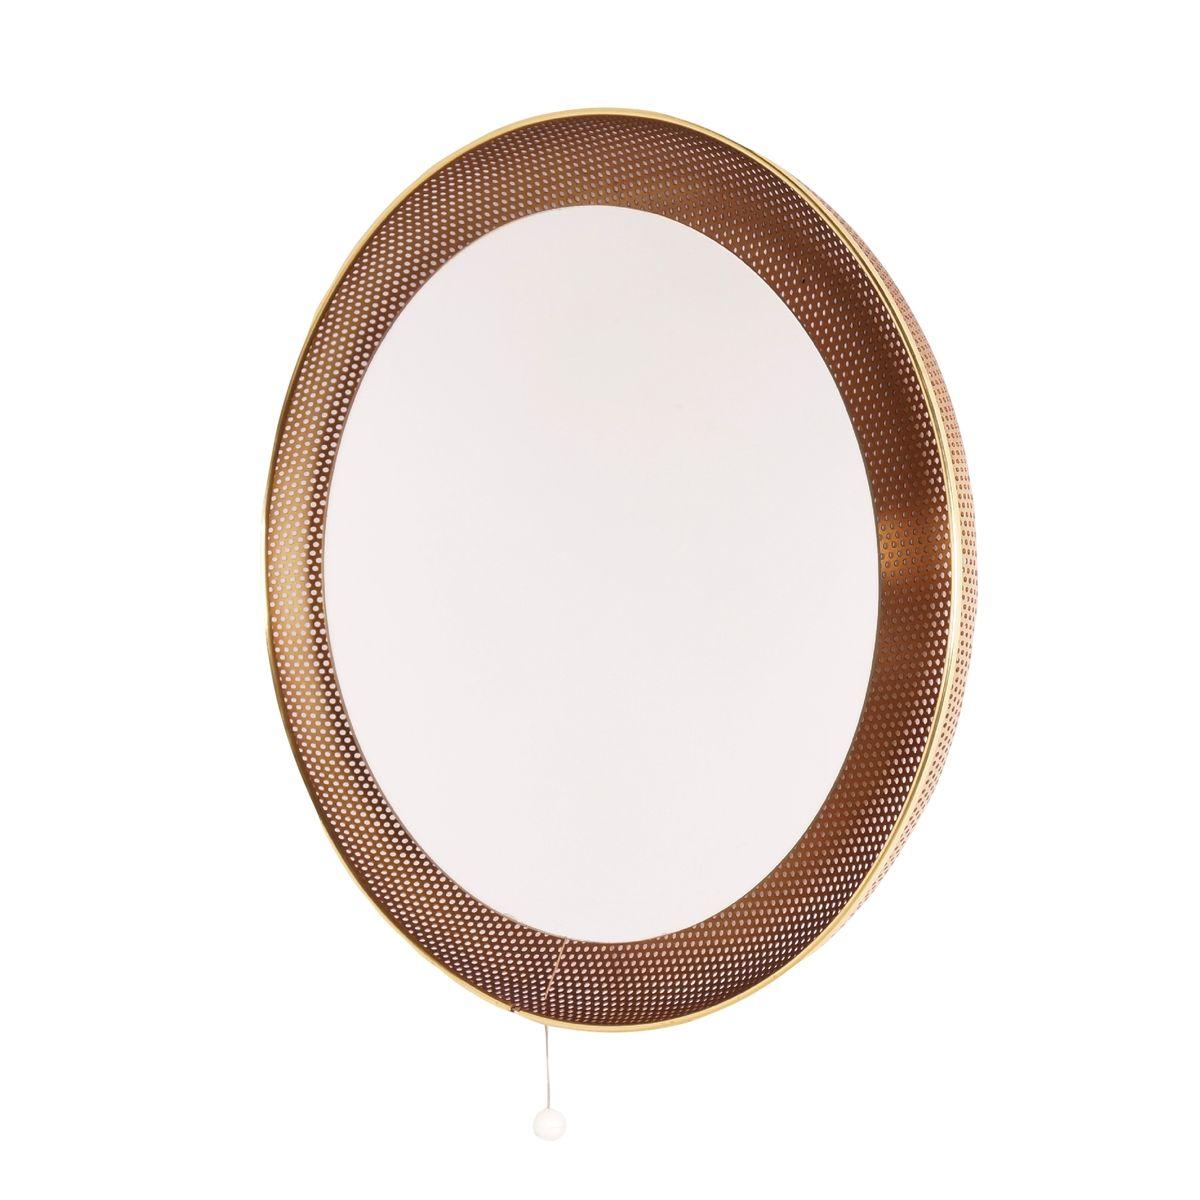 perforierte spiegel lampe von artimeta bei pamono kaufen. Black Bedroom Furniture Sets. Home Design Ideas